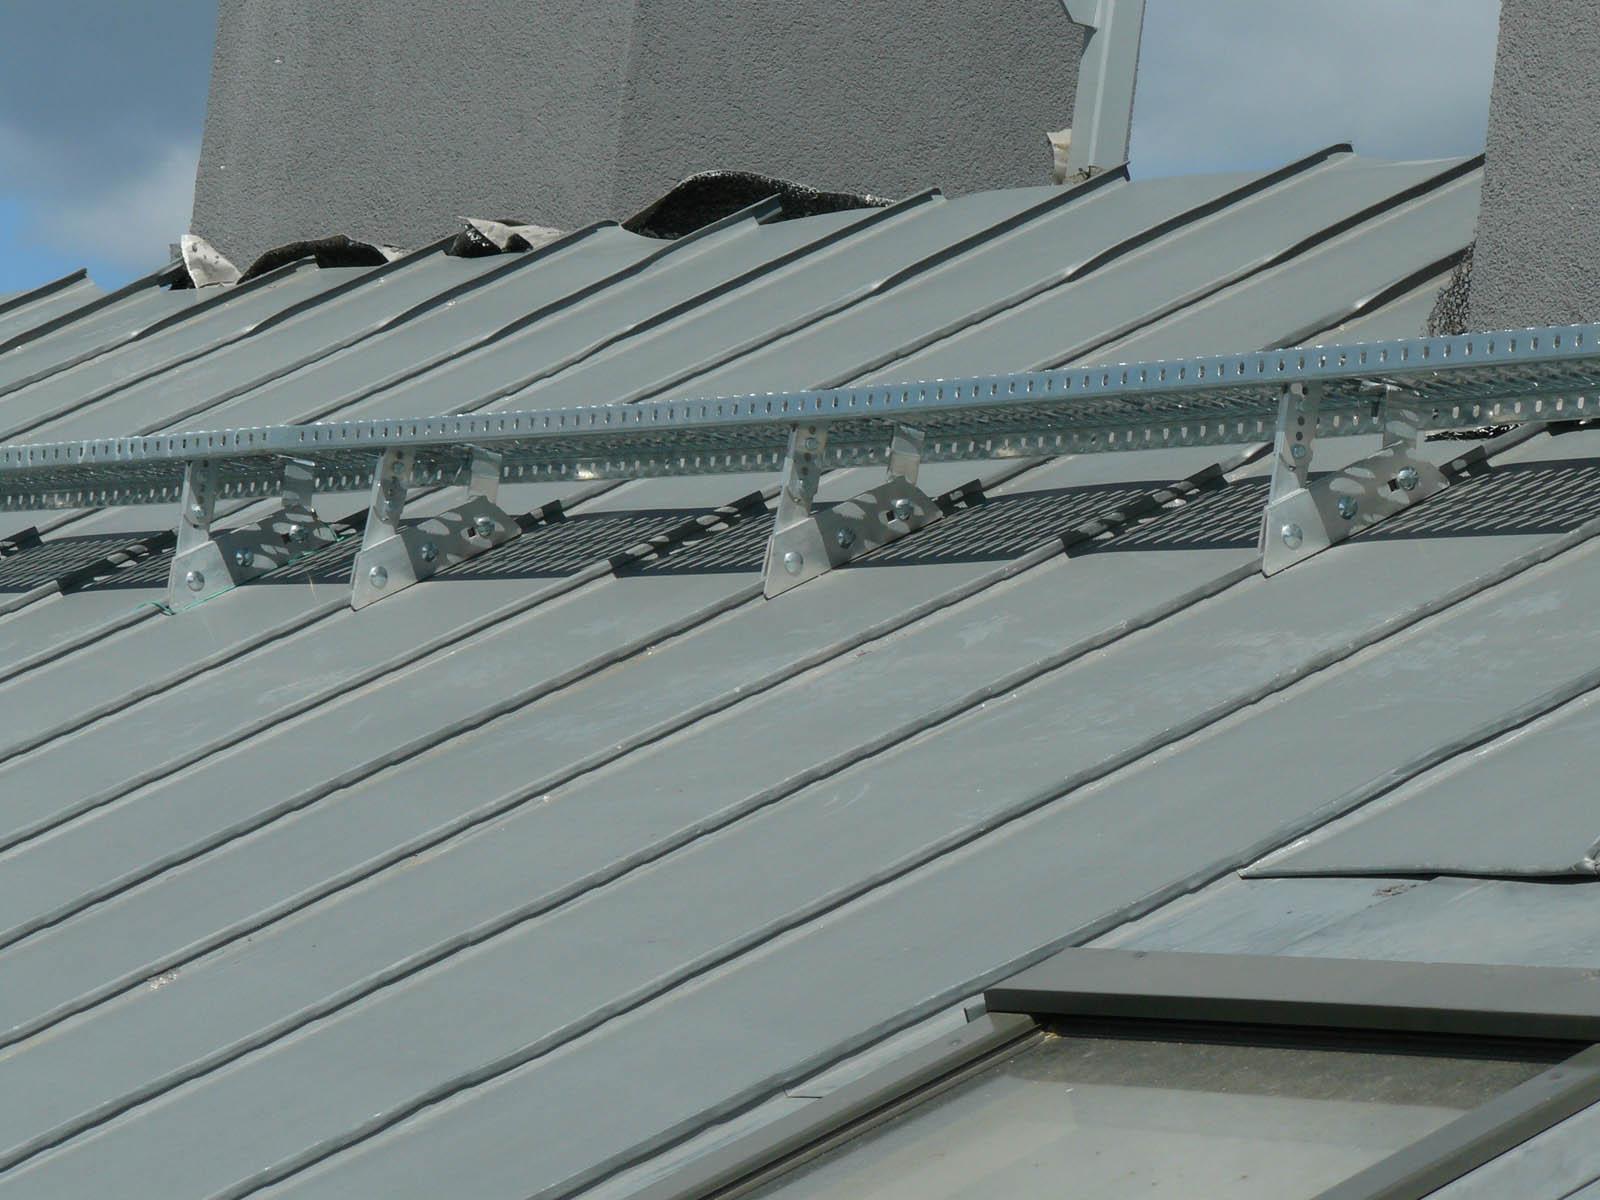 Wspornik ławy kominiarskiej aluminiowy w połączeniu z ławą kominiarską służy do bezpiecznego poruszania się po dachach o kącie nachylenia od 20 do 50 stopni.